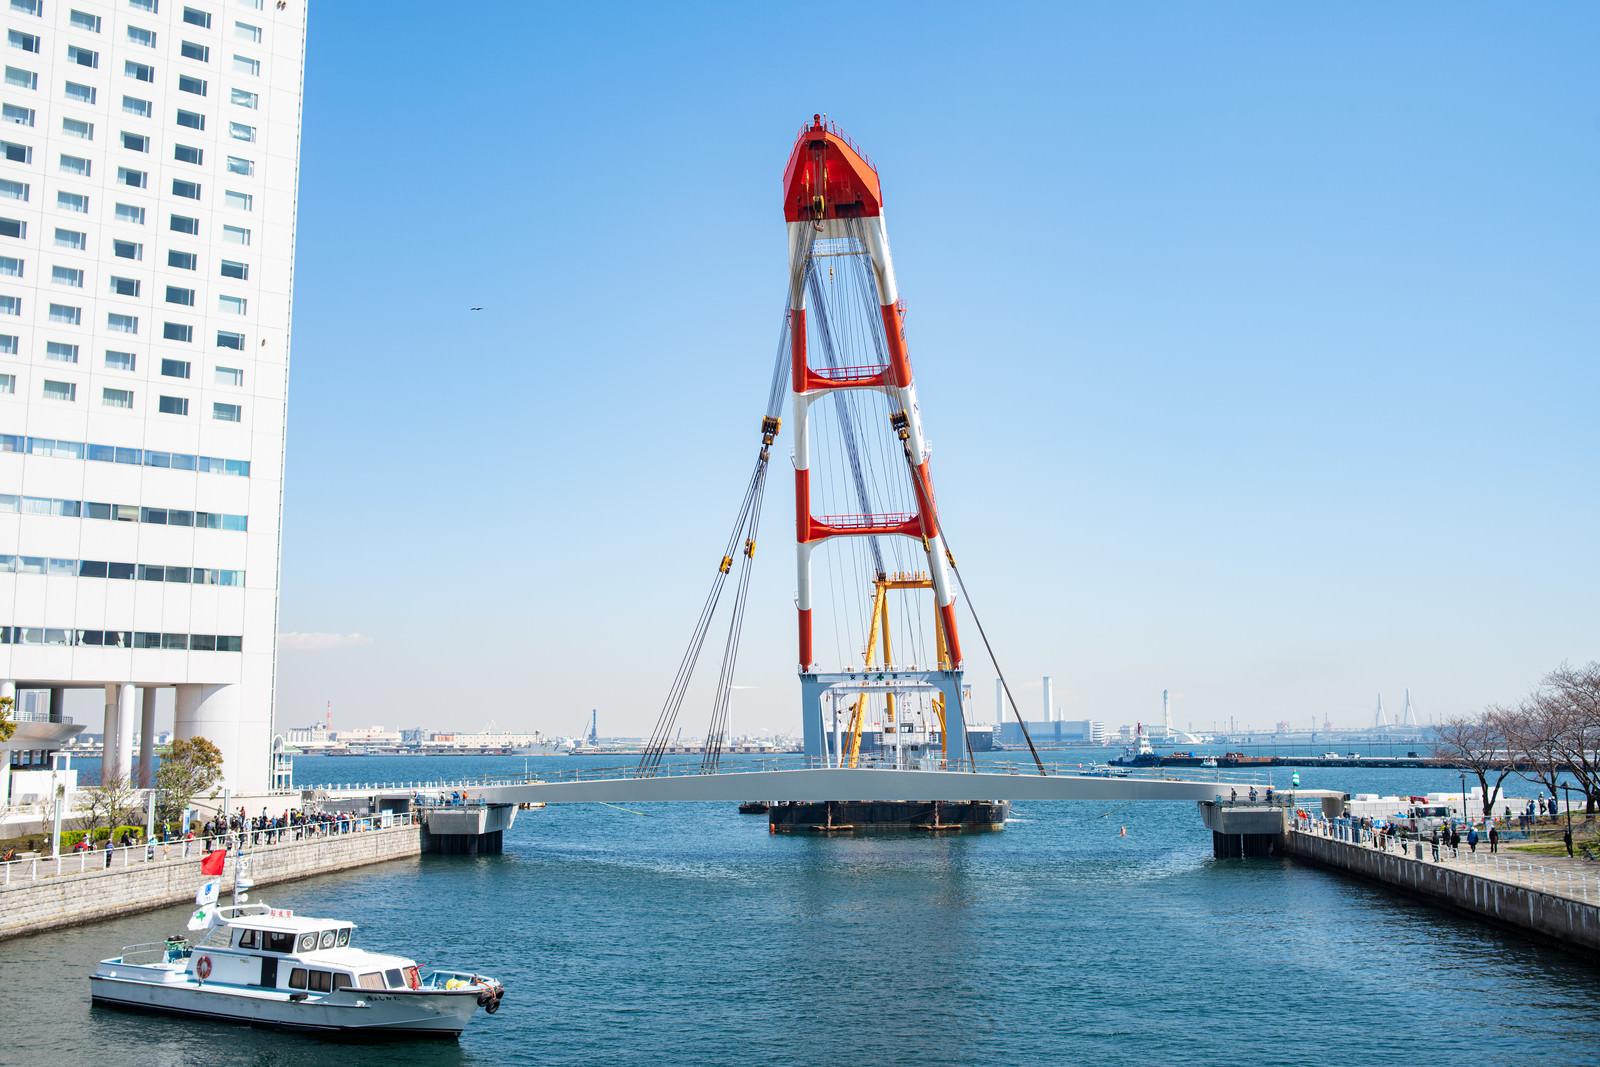 「臨港パークと新港パークを結ぶ歩行者デッキを架設する様子(女神橋)」の写真